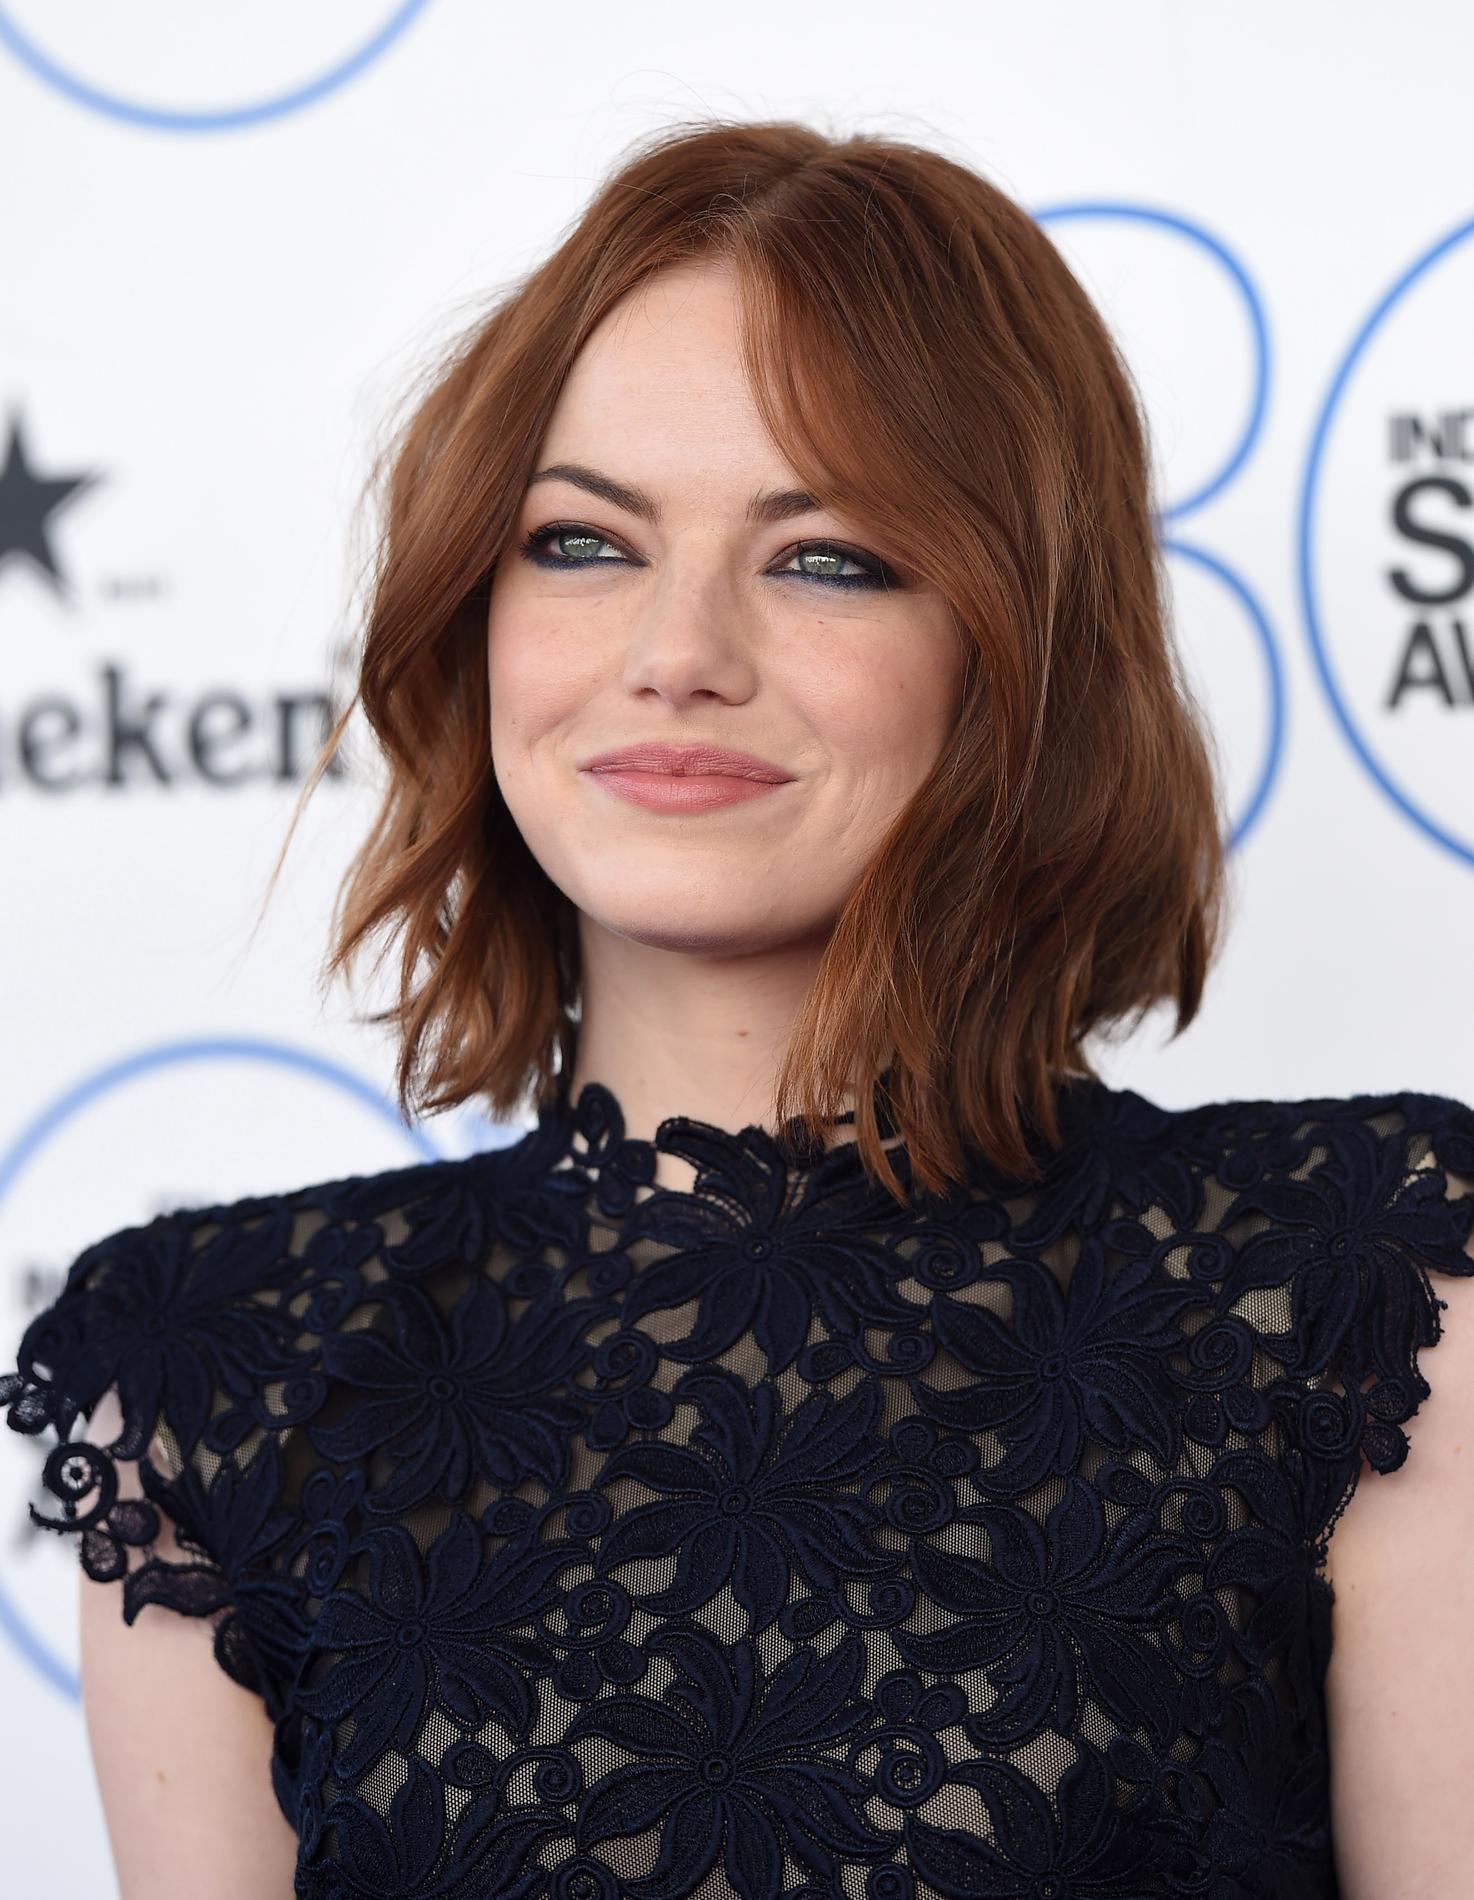 Les Stars Qui Ont Adopte Carre Court Emma Stone Apres Coupe Courte Destructure Femme